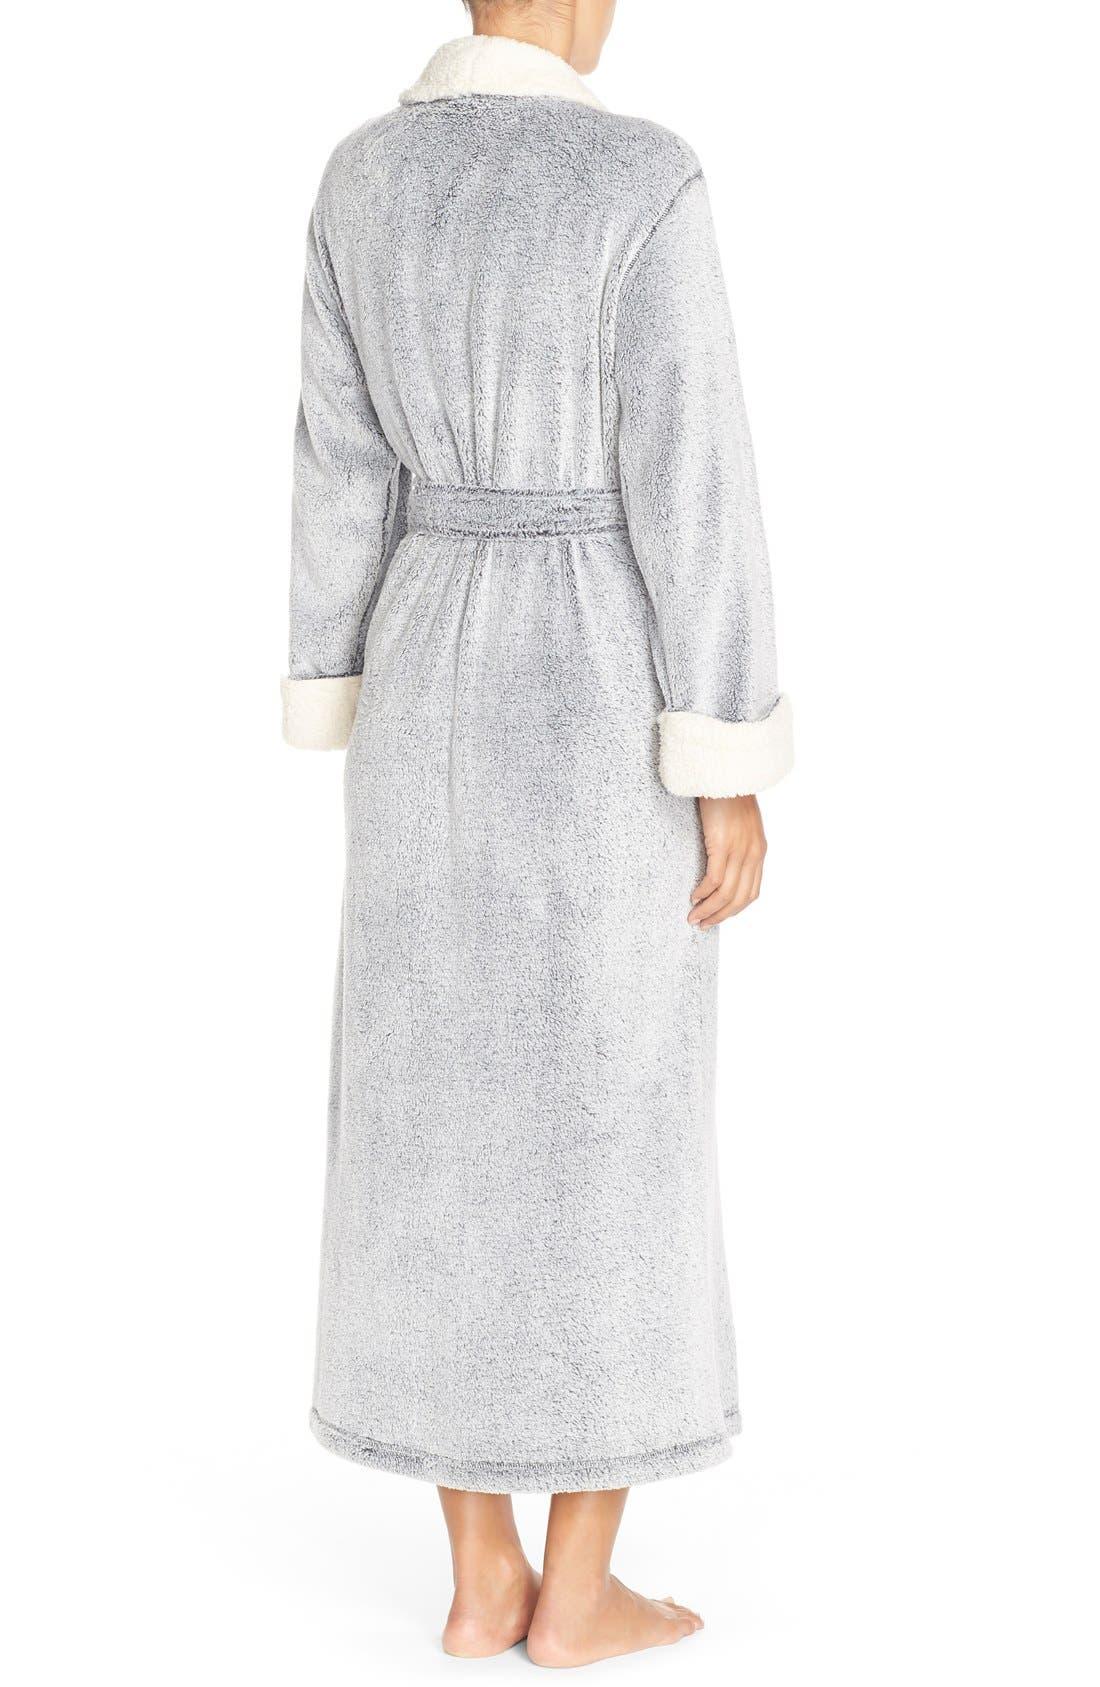 NATORI,                             Plush Velour Robe,                             Alternate thumbnail 8, color,                             BLACK